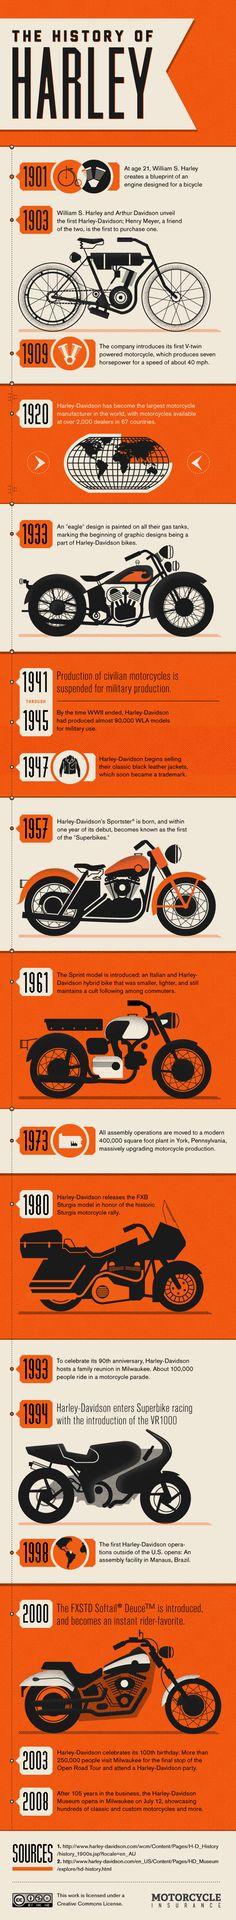 The history of Harley #illustrazione #grafica #moto